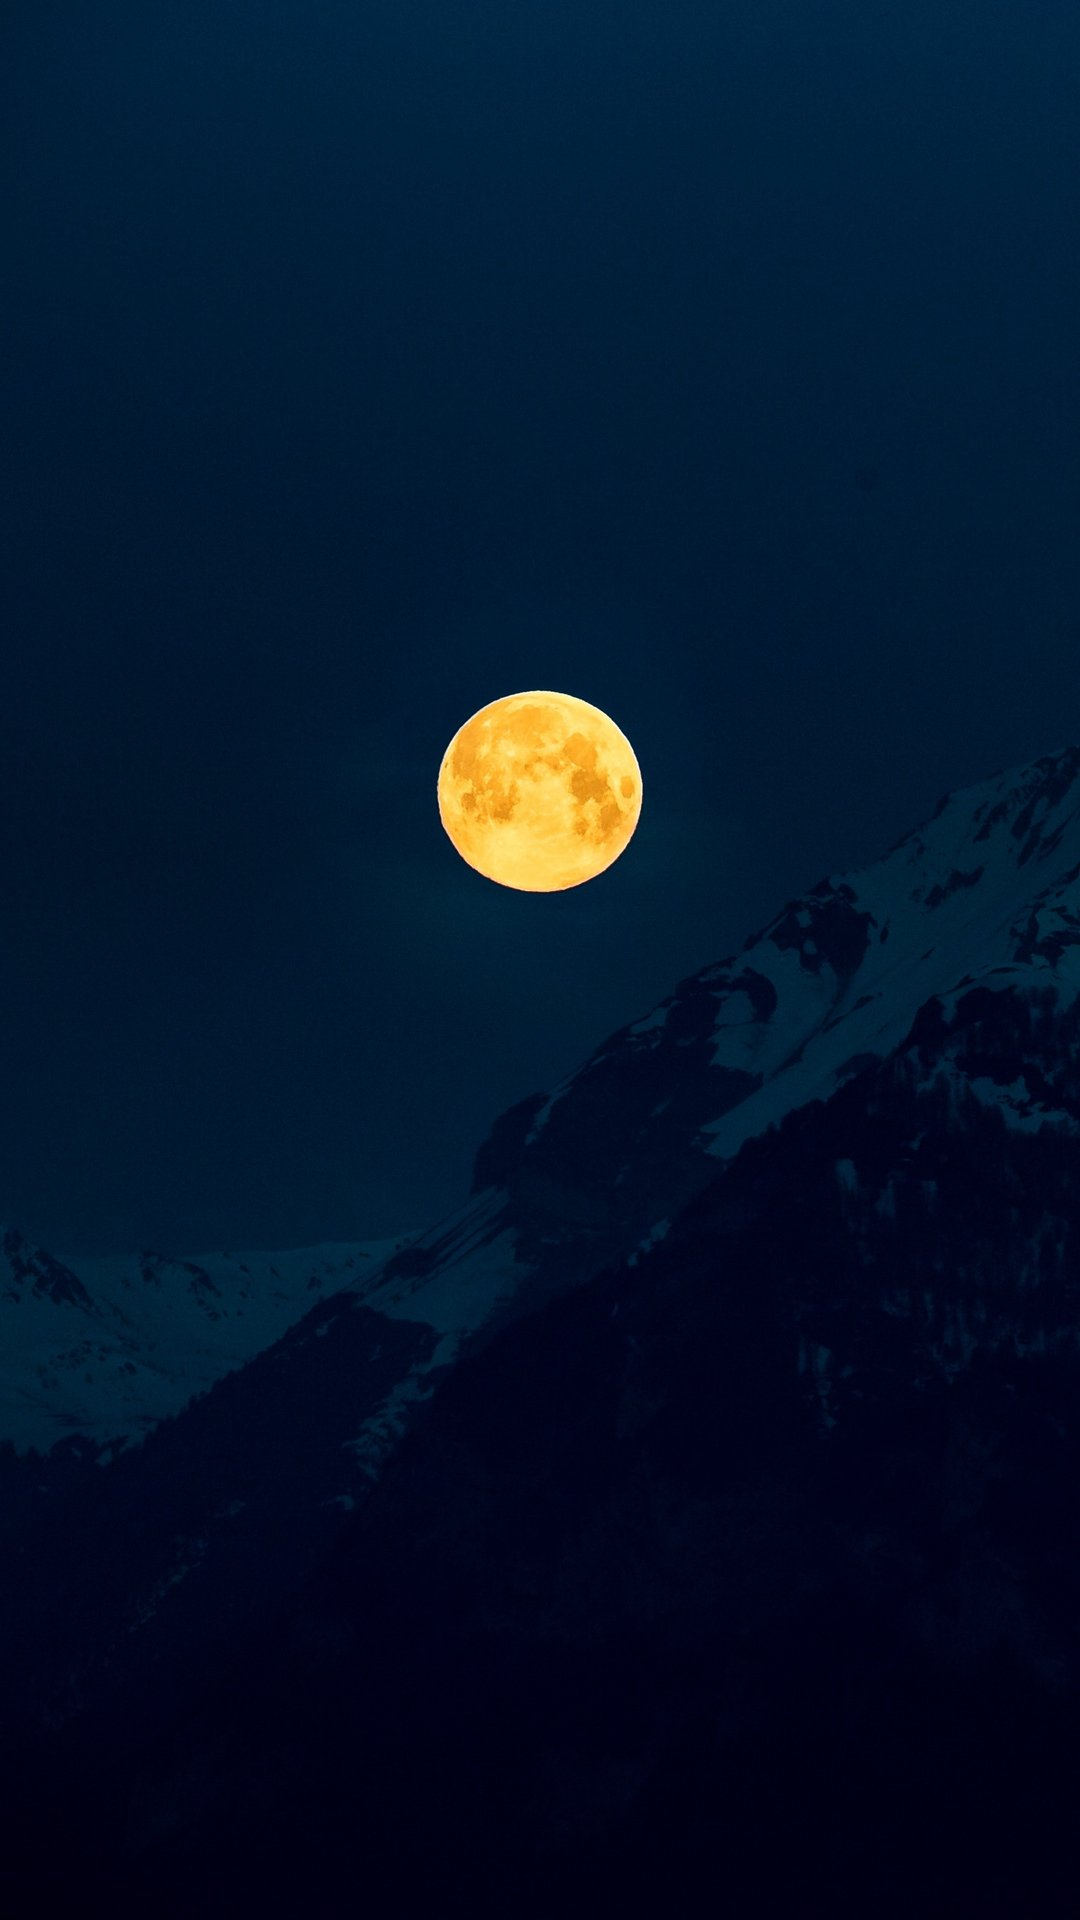 خلفيات ايفون طبيعة ليل قمر للموبايل Hd 2020 مربع